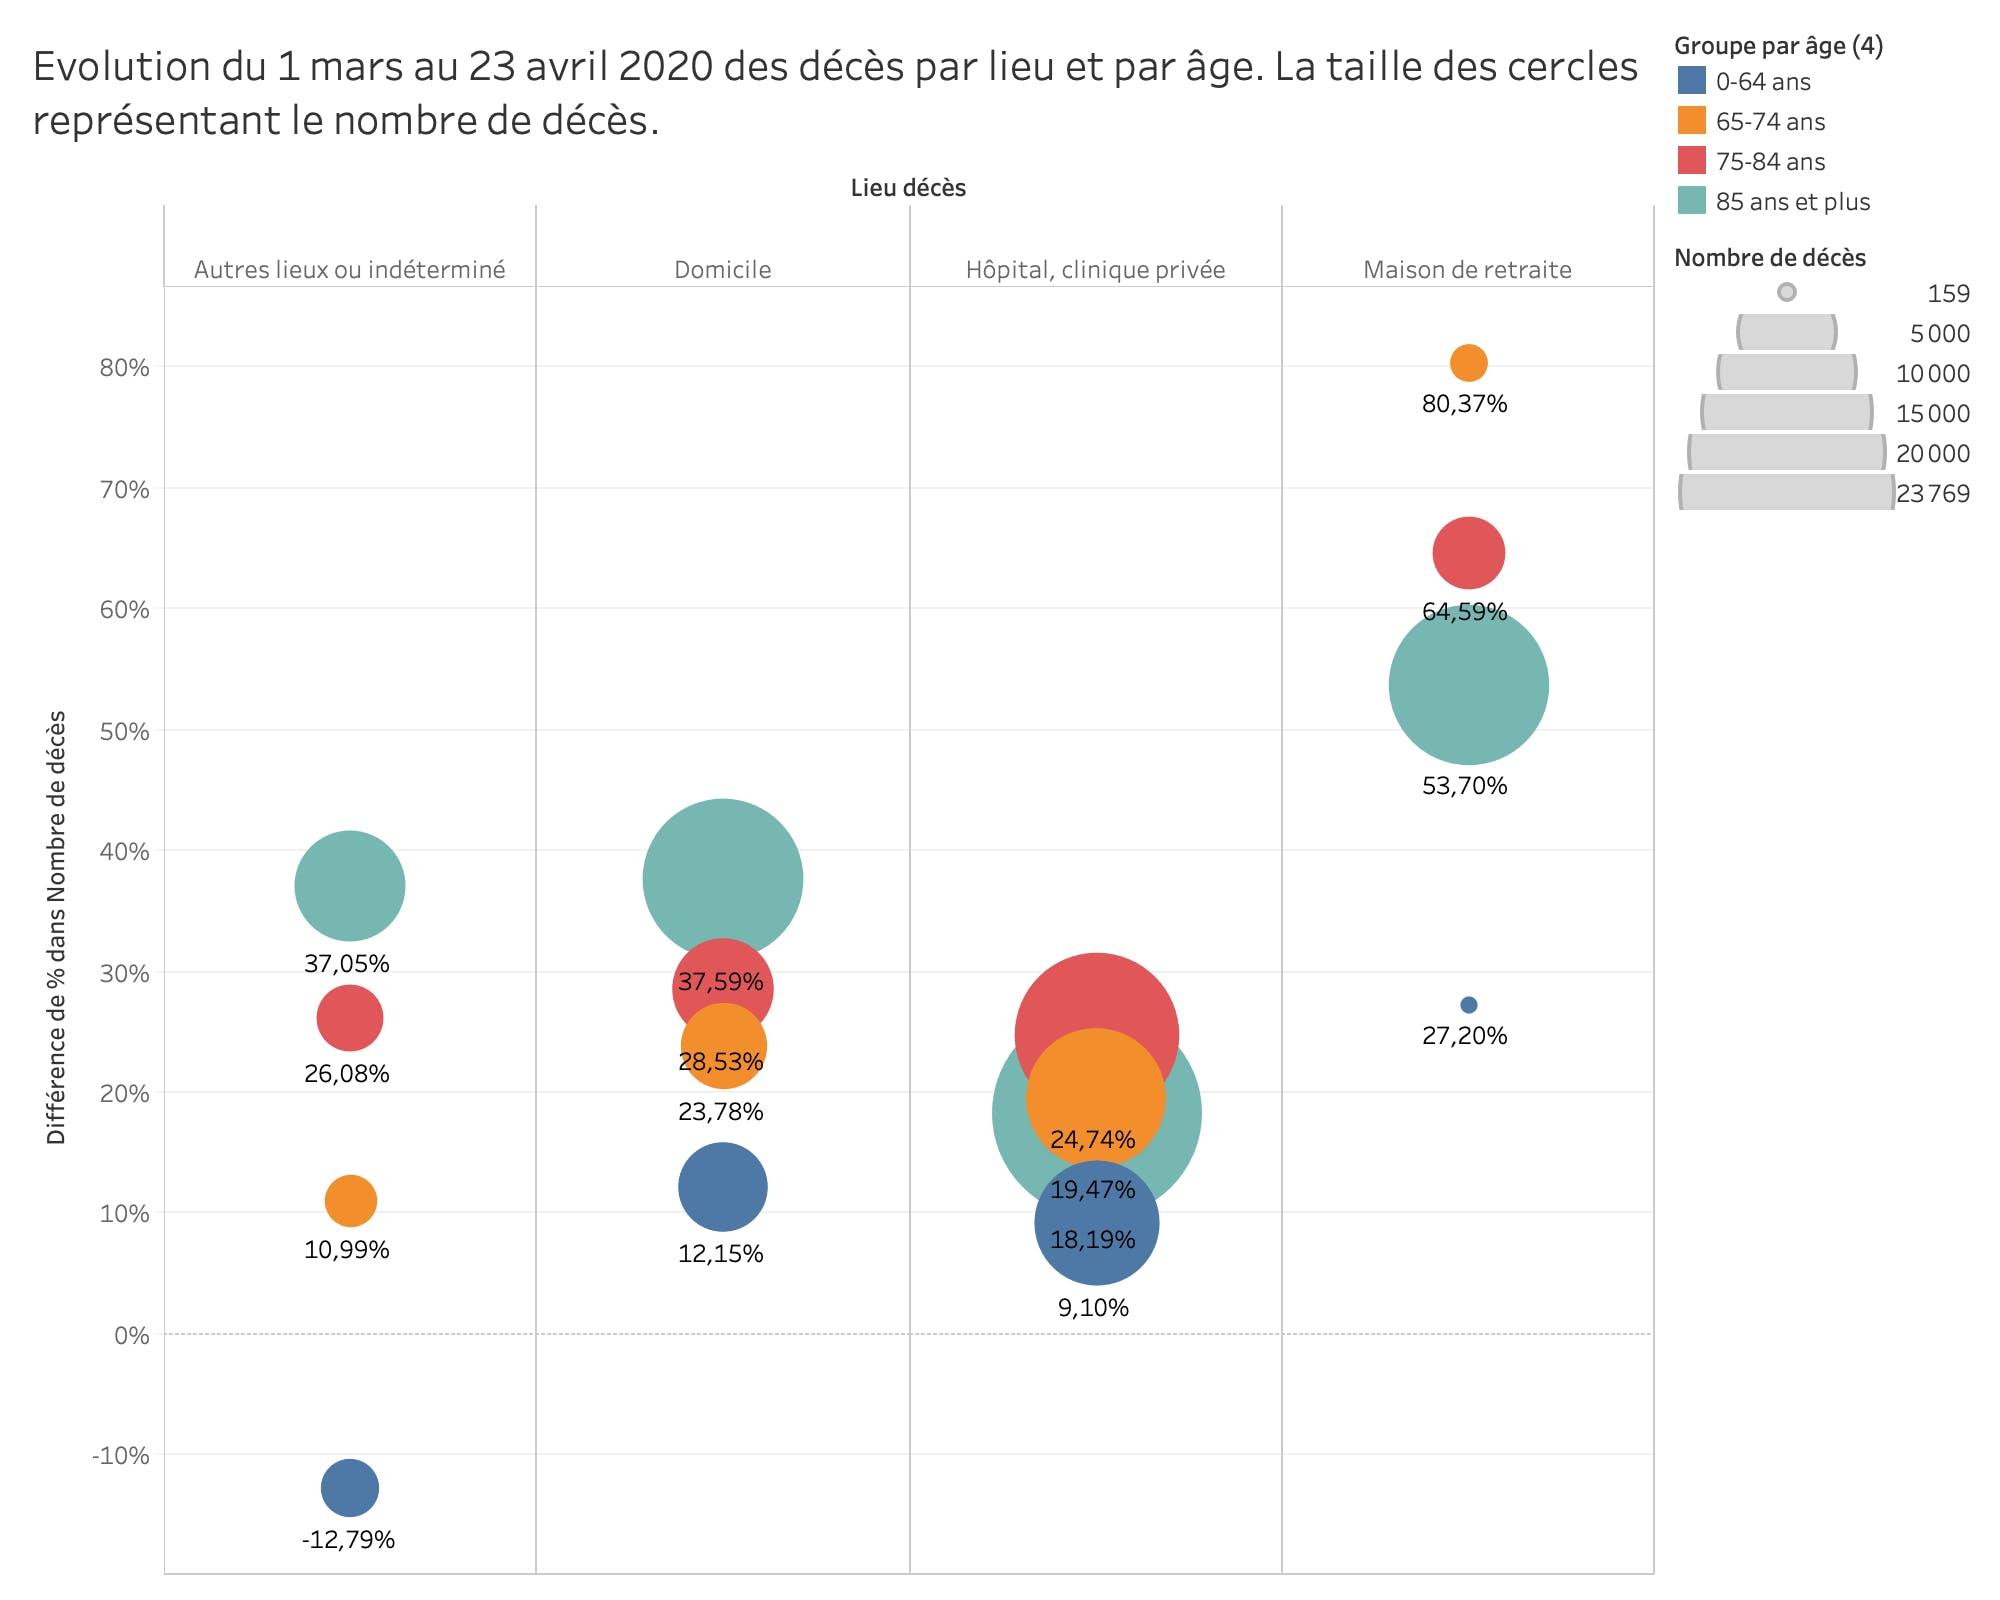 Evolution du 1 mars au 23 avril 2020 des décès par lieu et par âge. La taille des cercles représentant le nombre de décès.